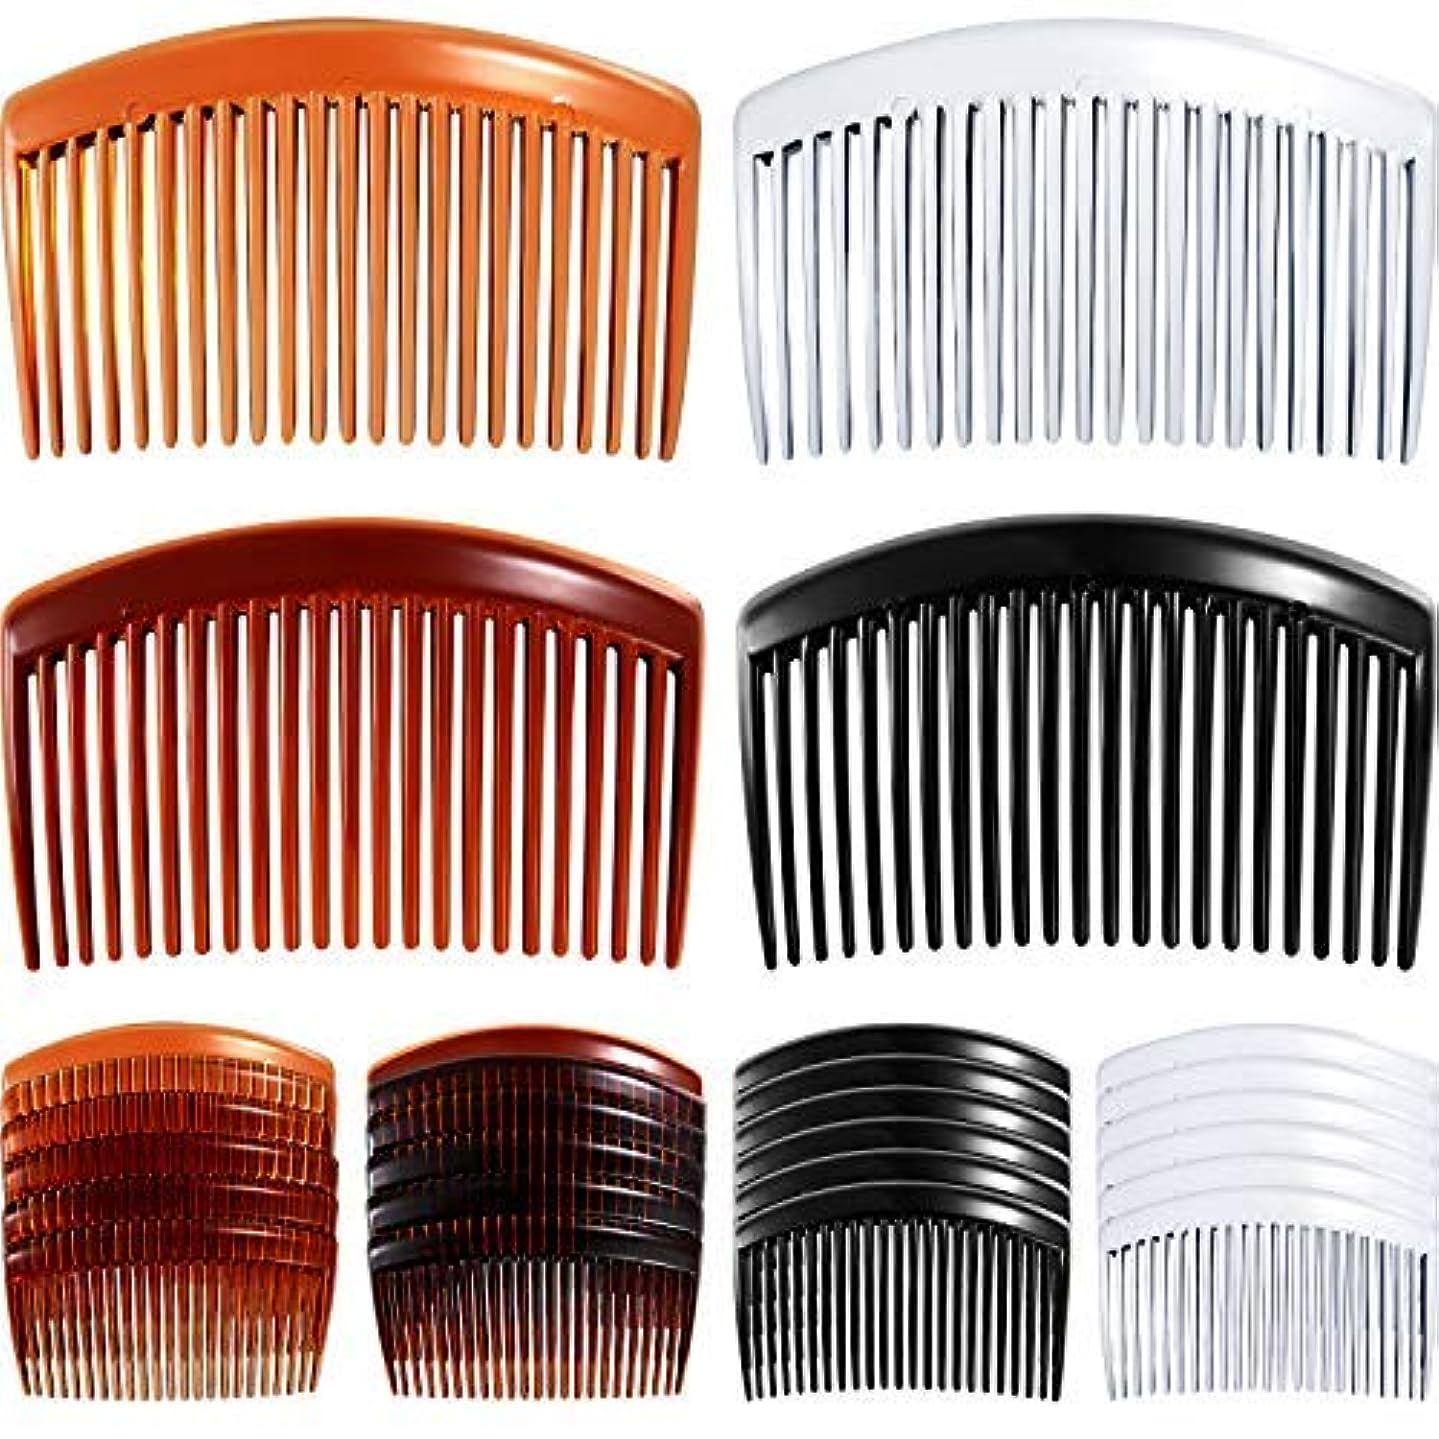 その他雄大な法律により24 Pieces Hair Comb Plastic Hair Side Combs Straight Teeth Hair Clip Comb Bridal Wedding Veil Comb for Fine Hair [並行輸入品]